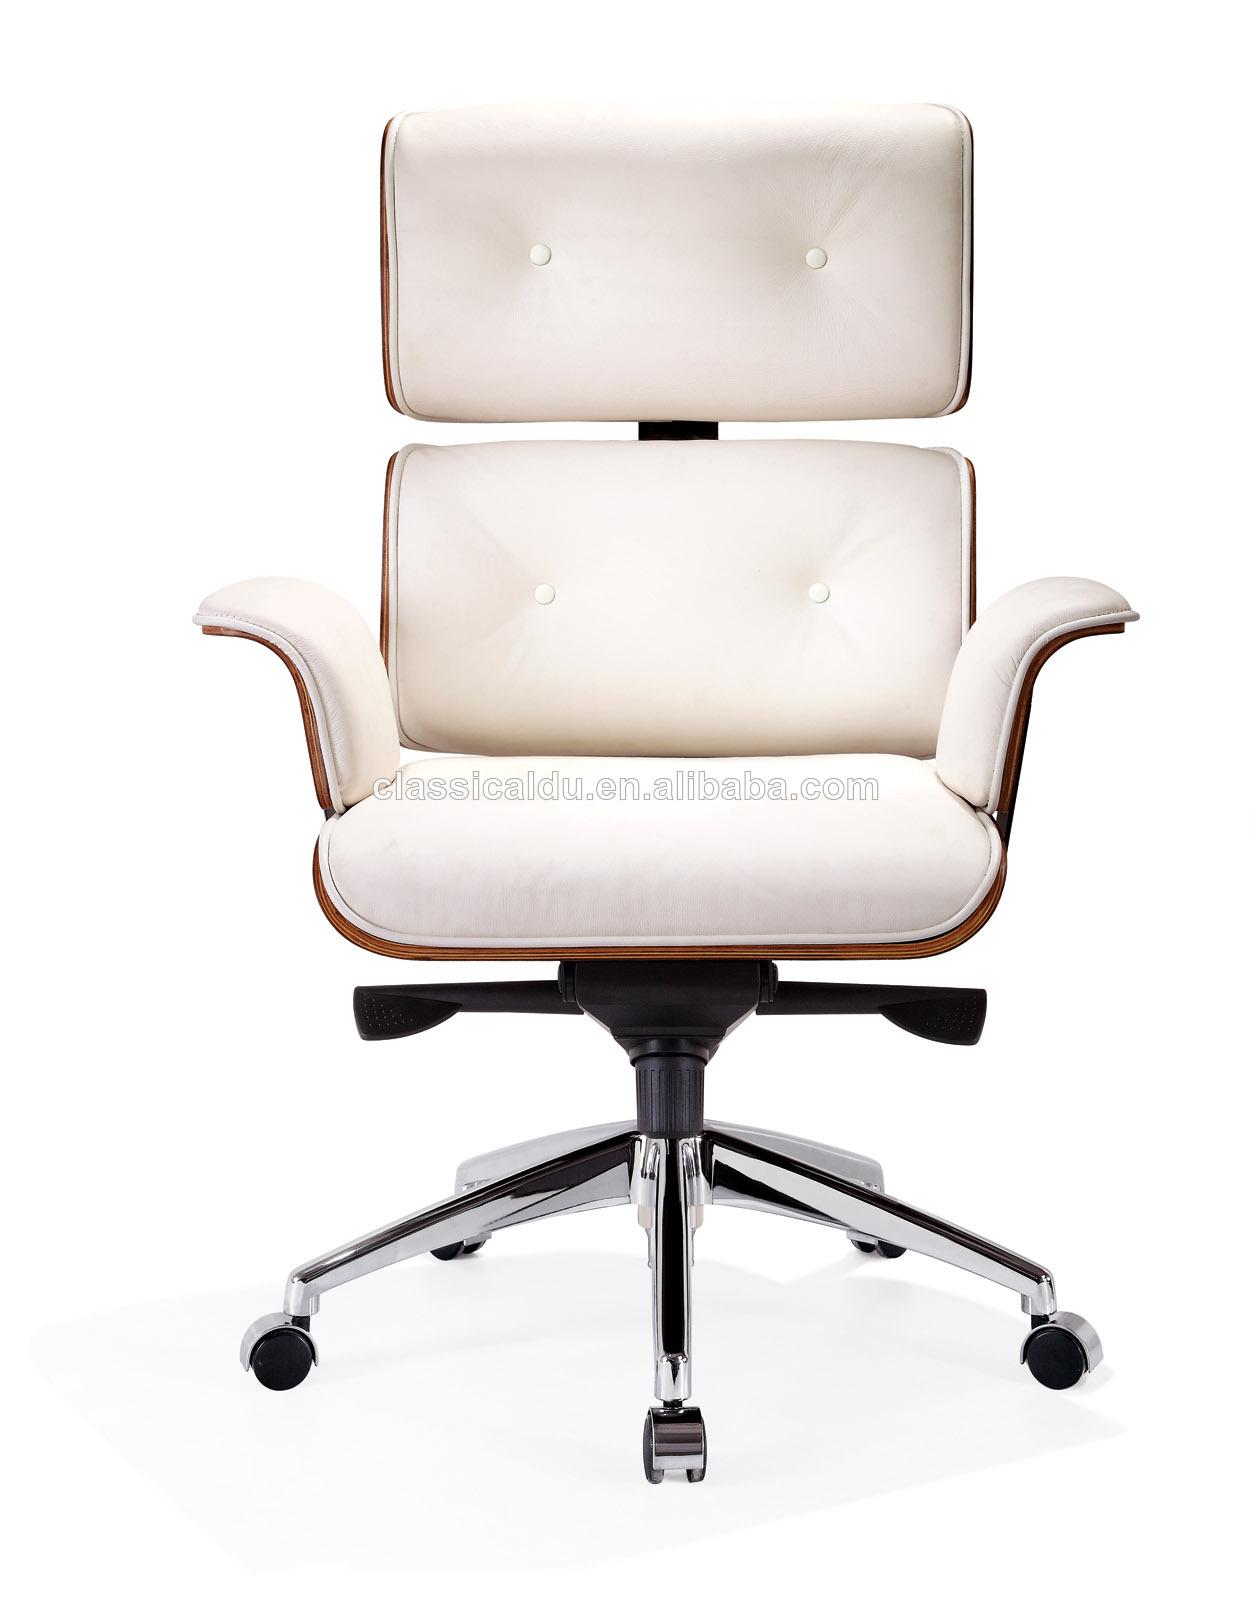 Silla ejecutiva silla de dise o de de ala alta sillas de for Sillas de despacho de diseno